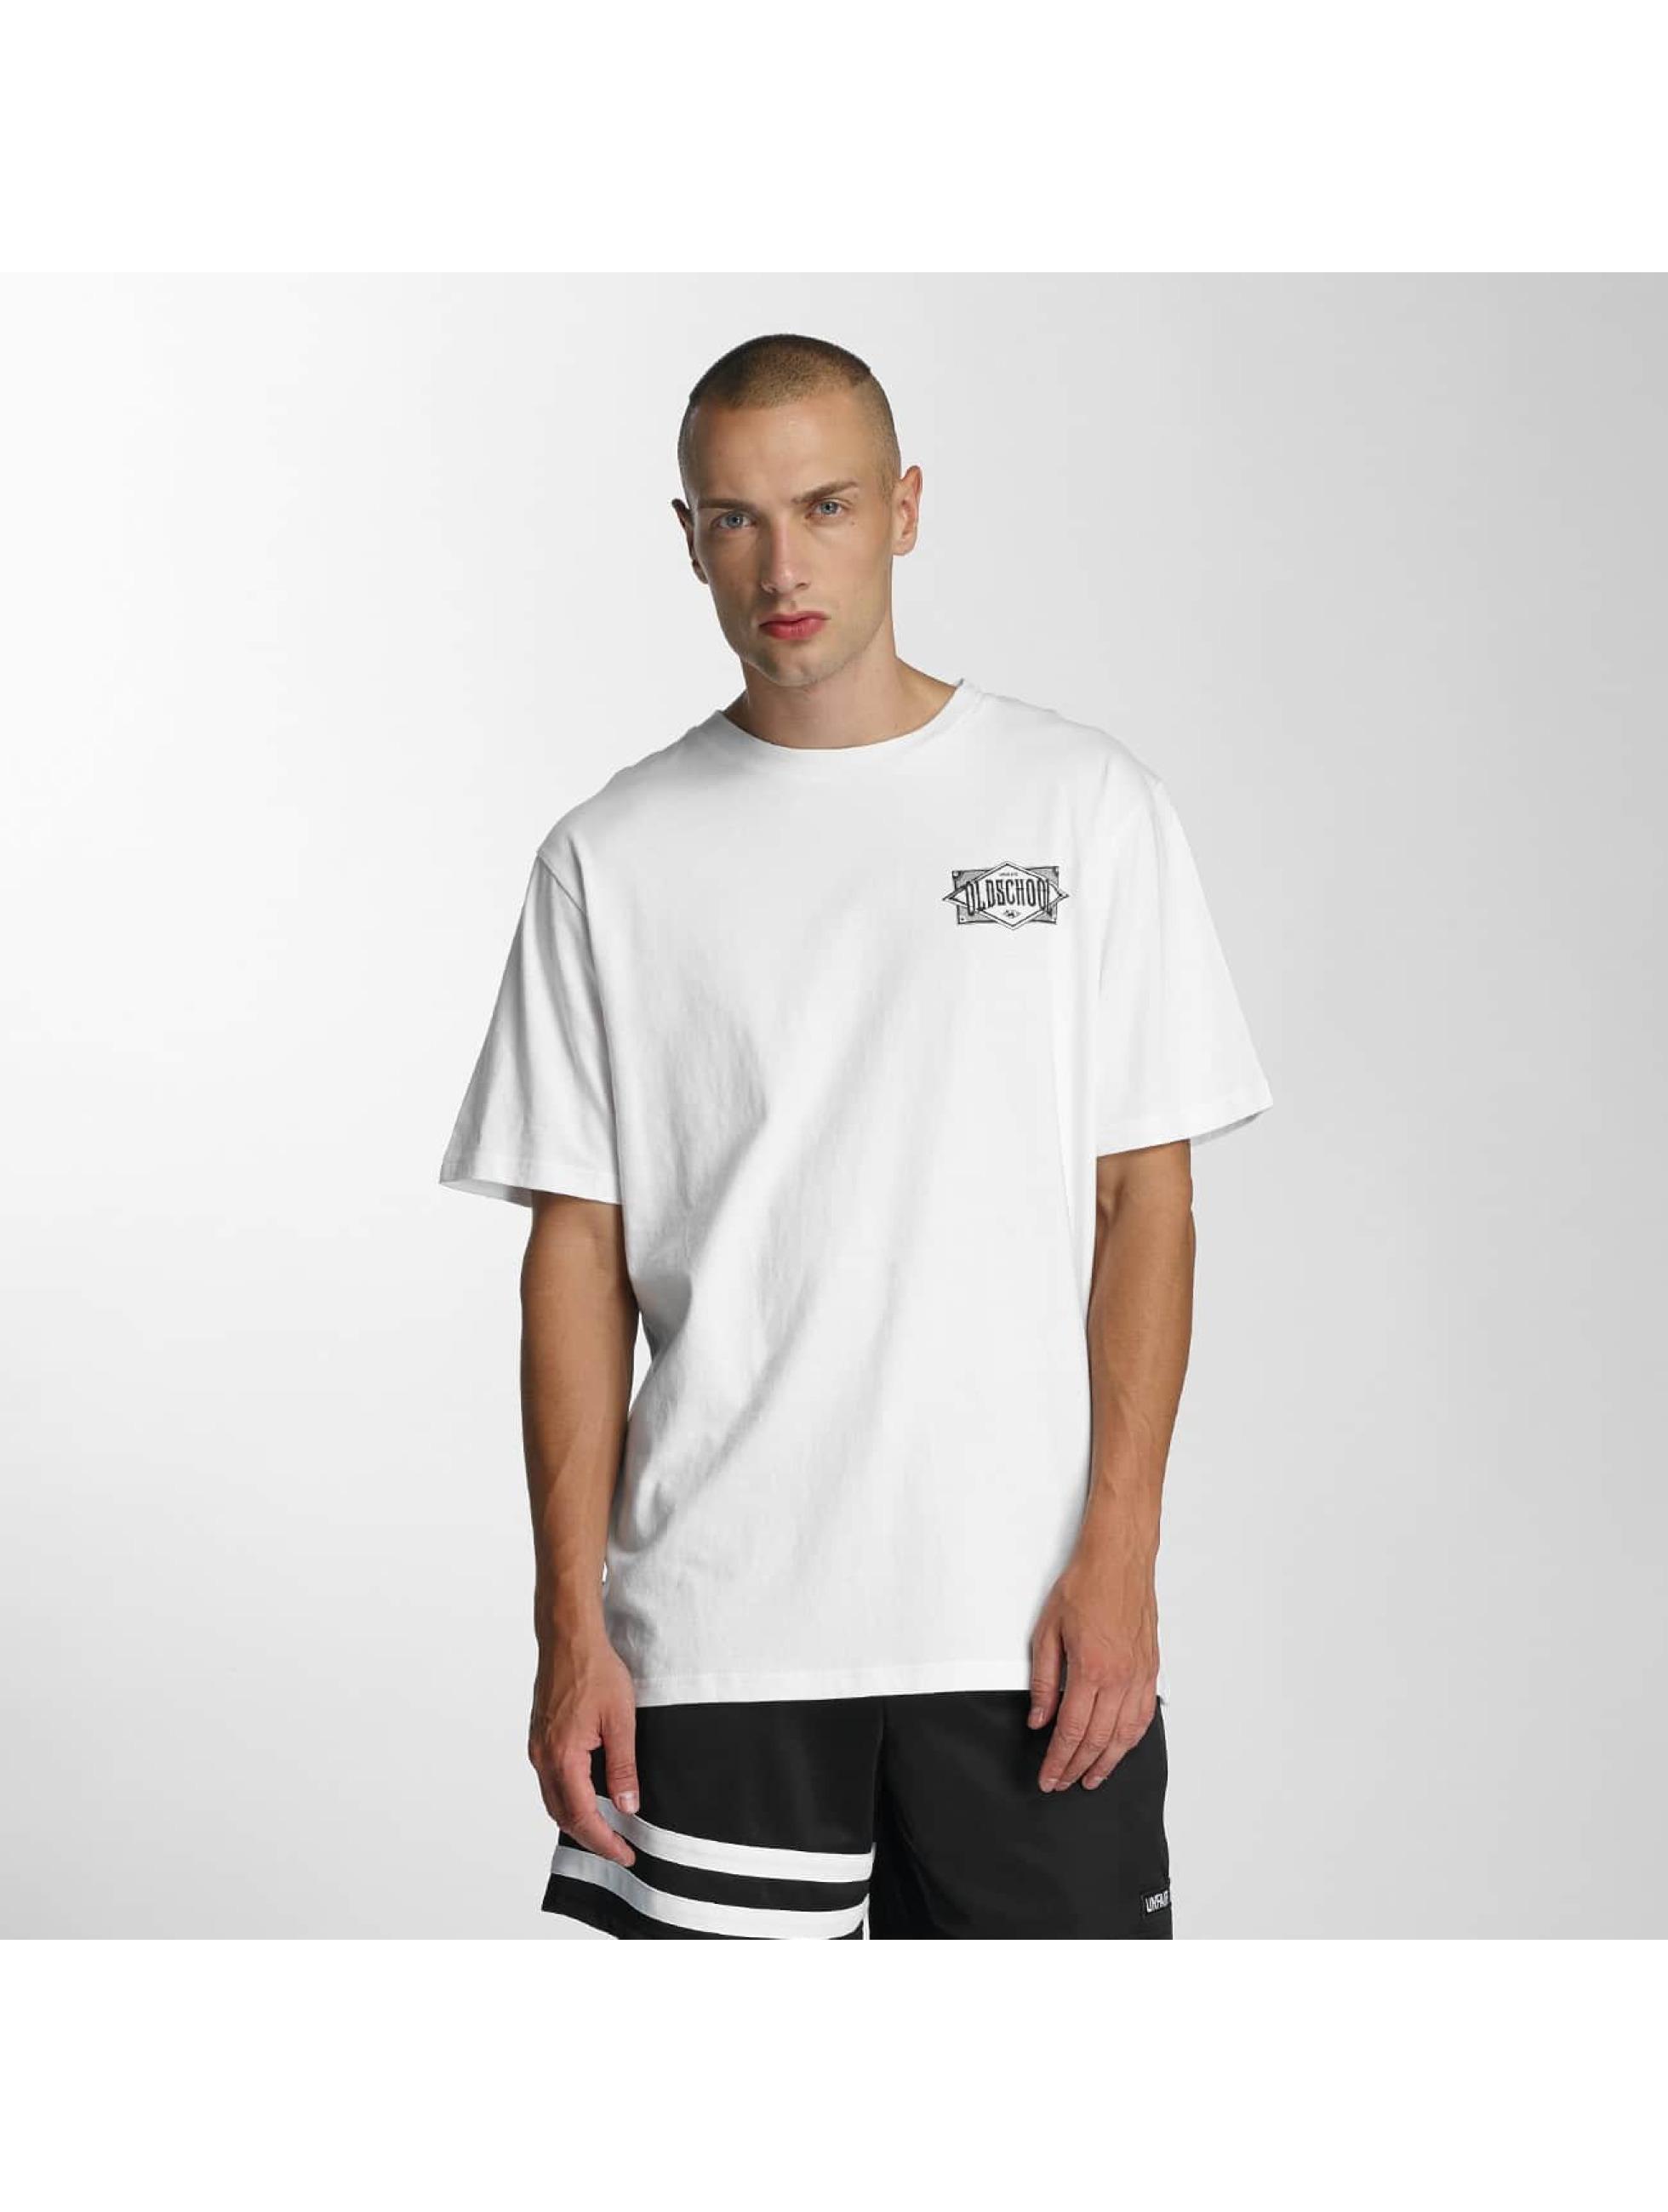 UNFAIR ATHLETICS Männer T-Shirt Oldschool in weiß